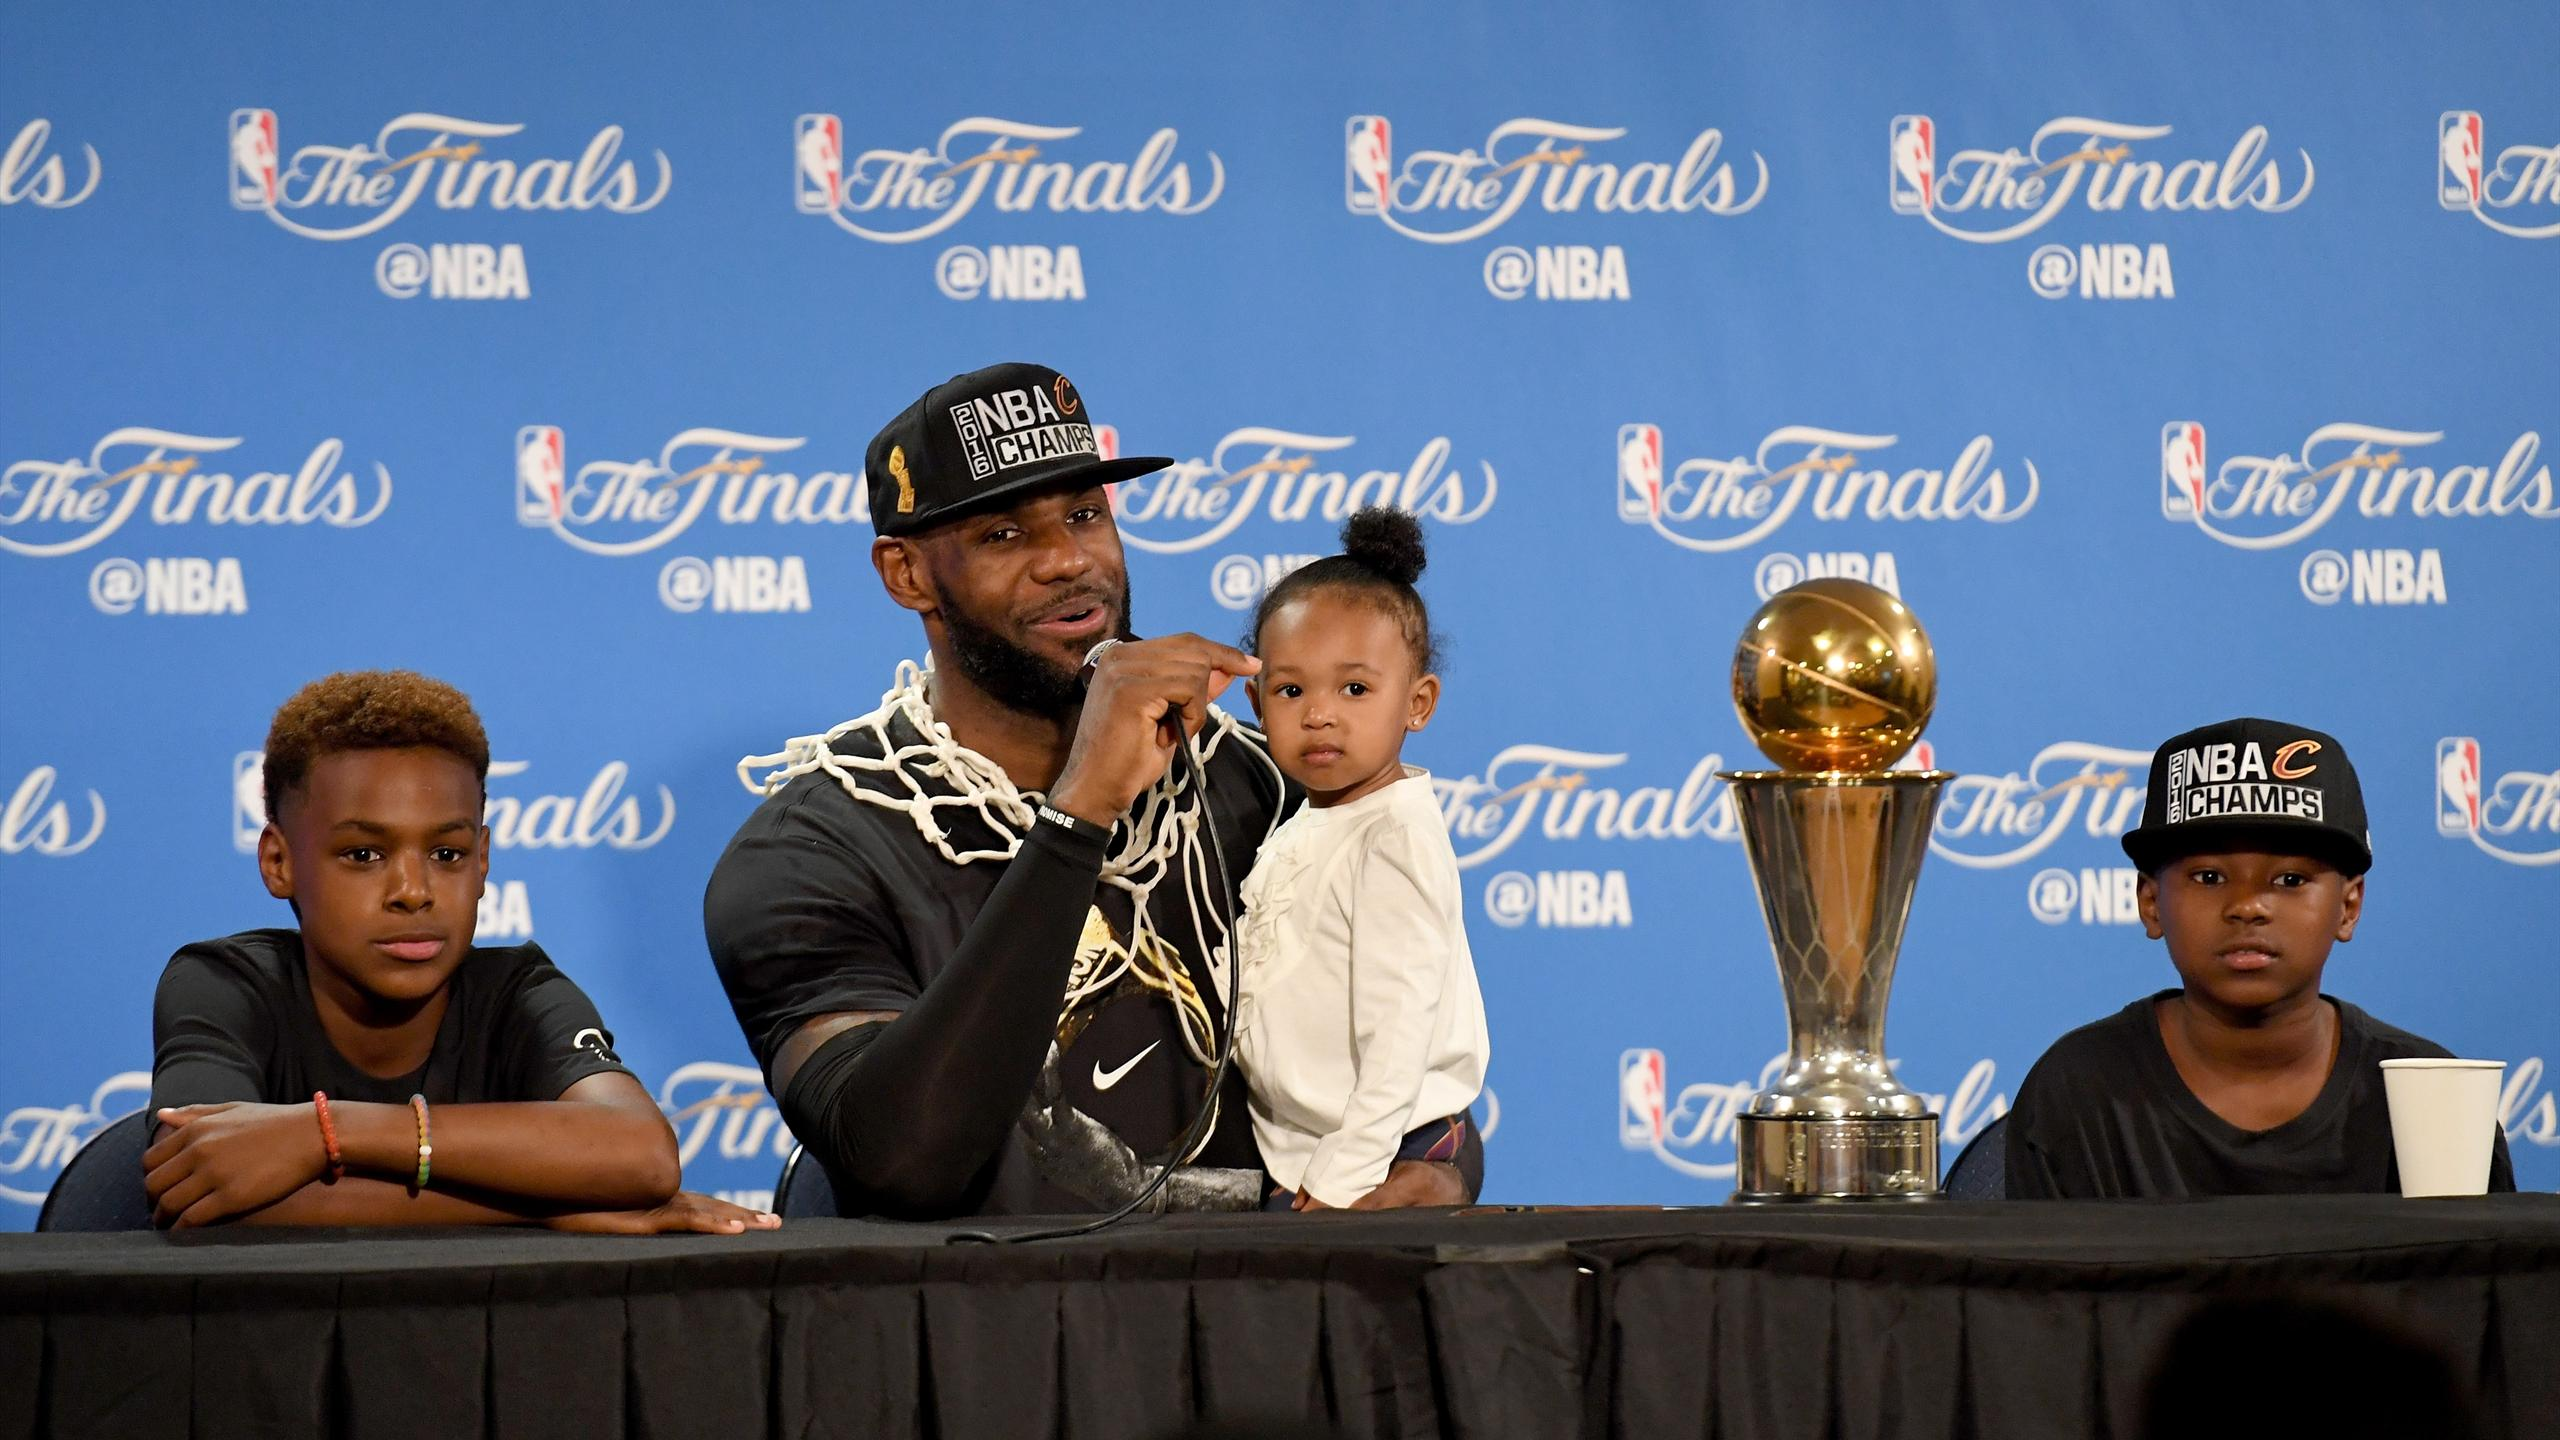 LeBron James en conférence de presse avec ses enfants après son sacre avec les Cleveland Cavaliers, dimanche 19 juin 2016